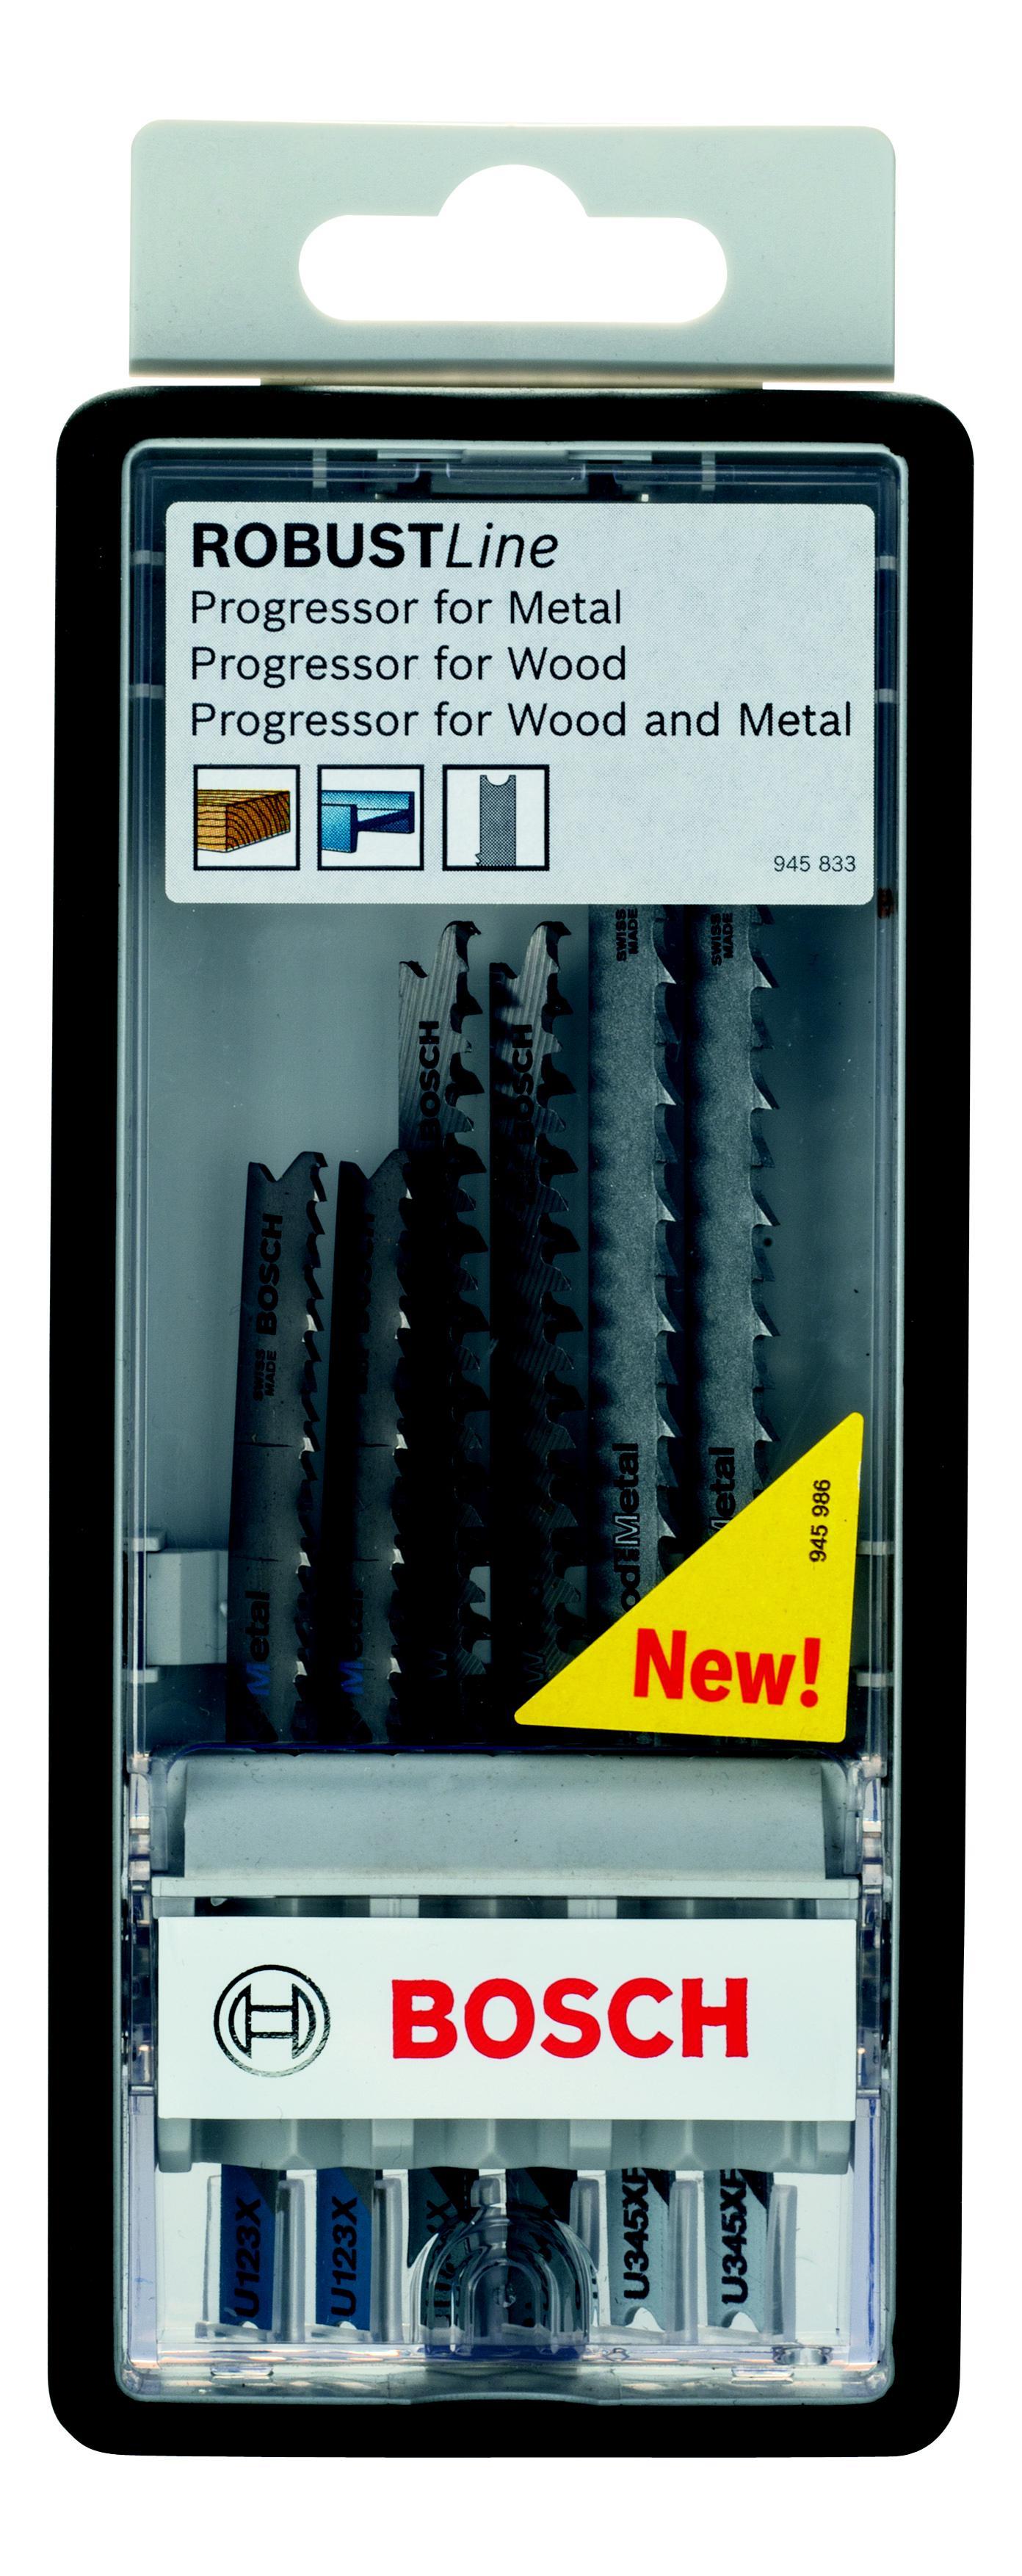 Набор пилок Bosch 2 607 010 532 progressor u (2.607.010.532) replacement for bosch gsb 12 vsp 3 gsb 12vsp 2 gsr 12v bat011 2 607 335 250 2 607 335 376 2 607 335 378 power tools battery